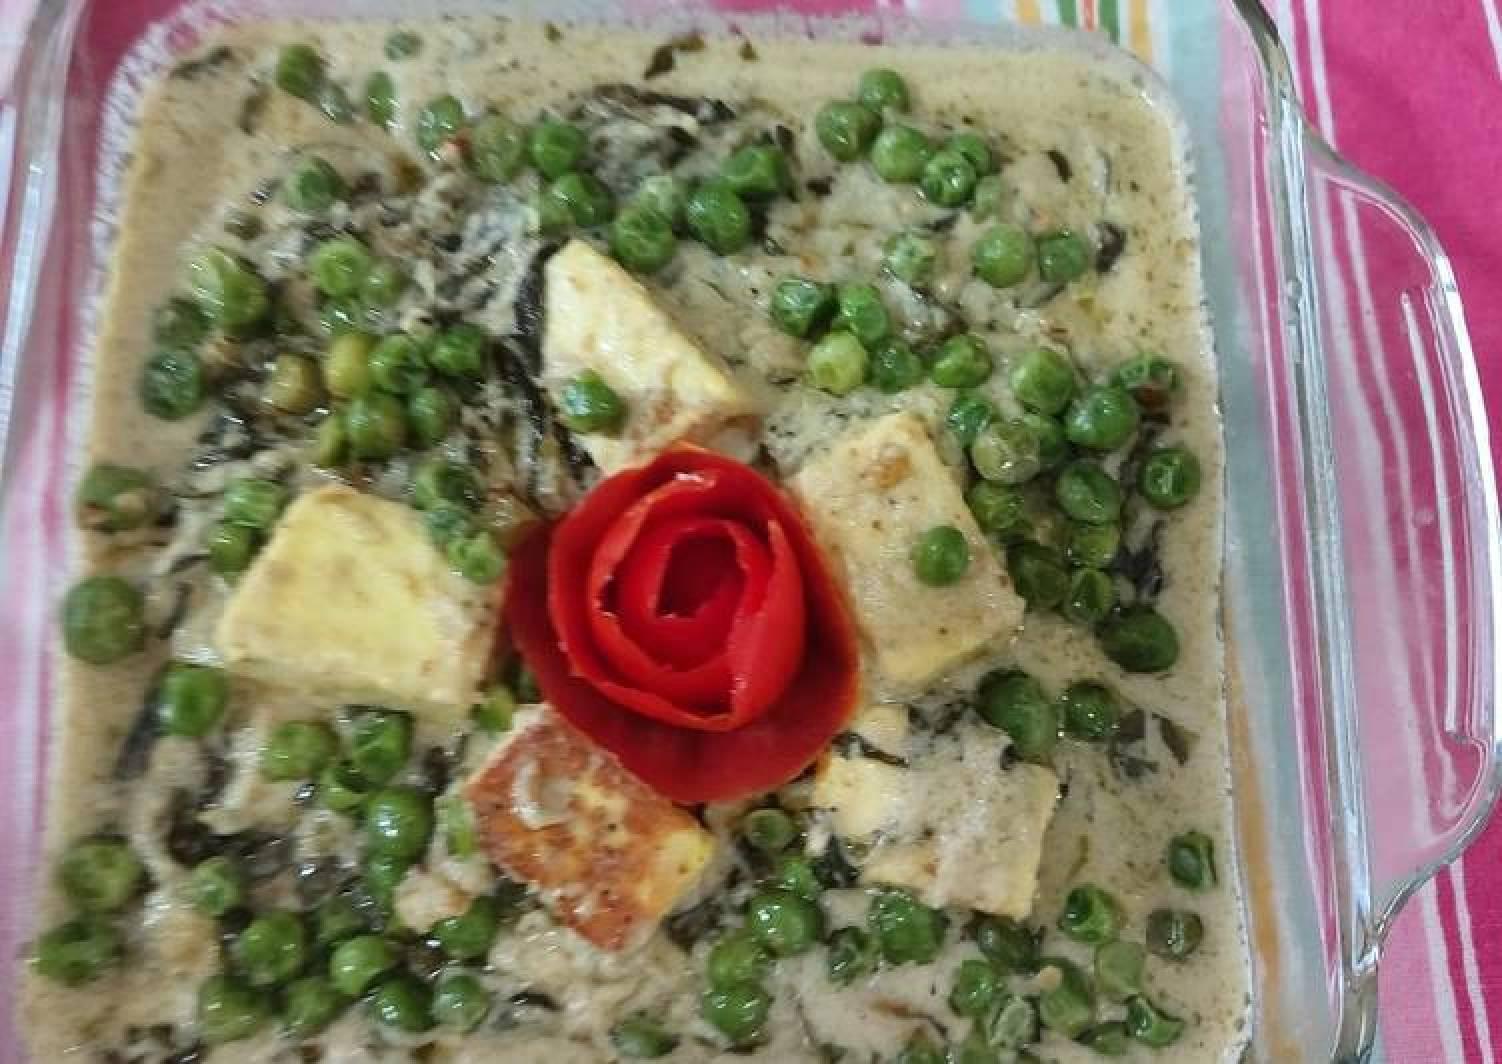 Fenugreek leaves paneer with green peas cream/ methi chaman